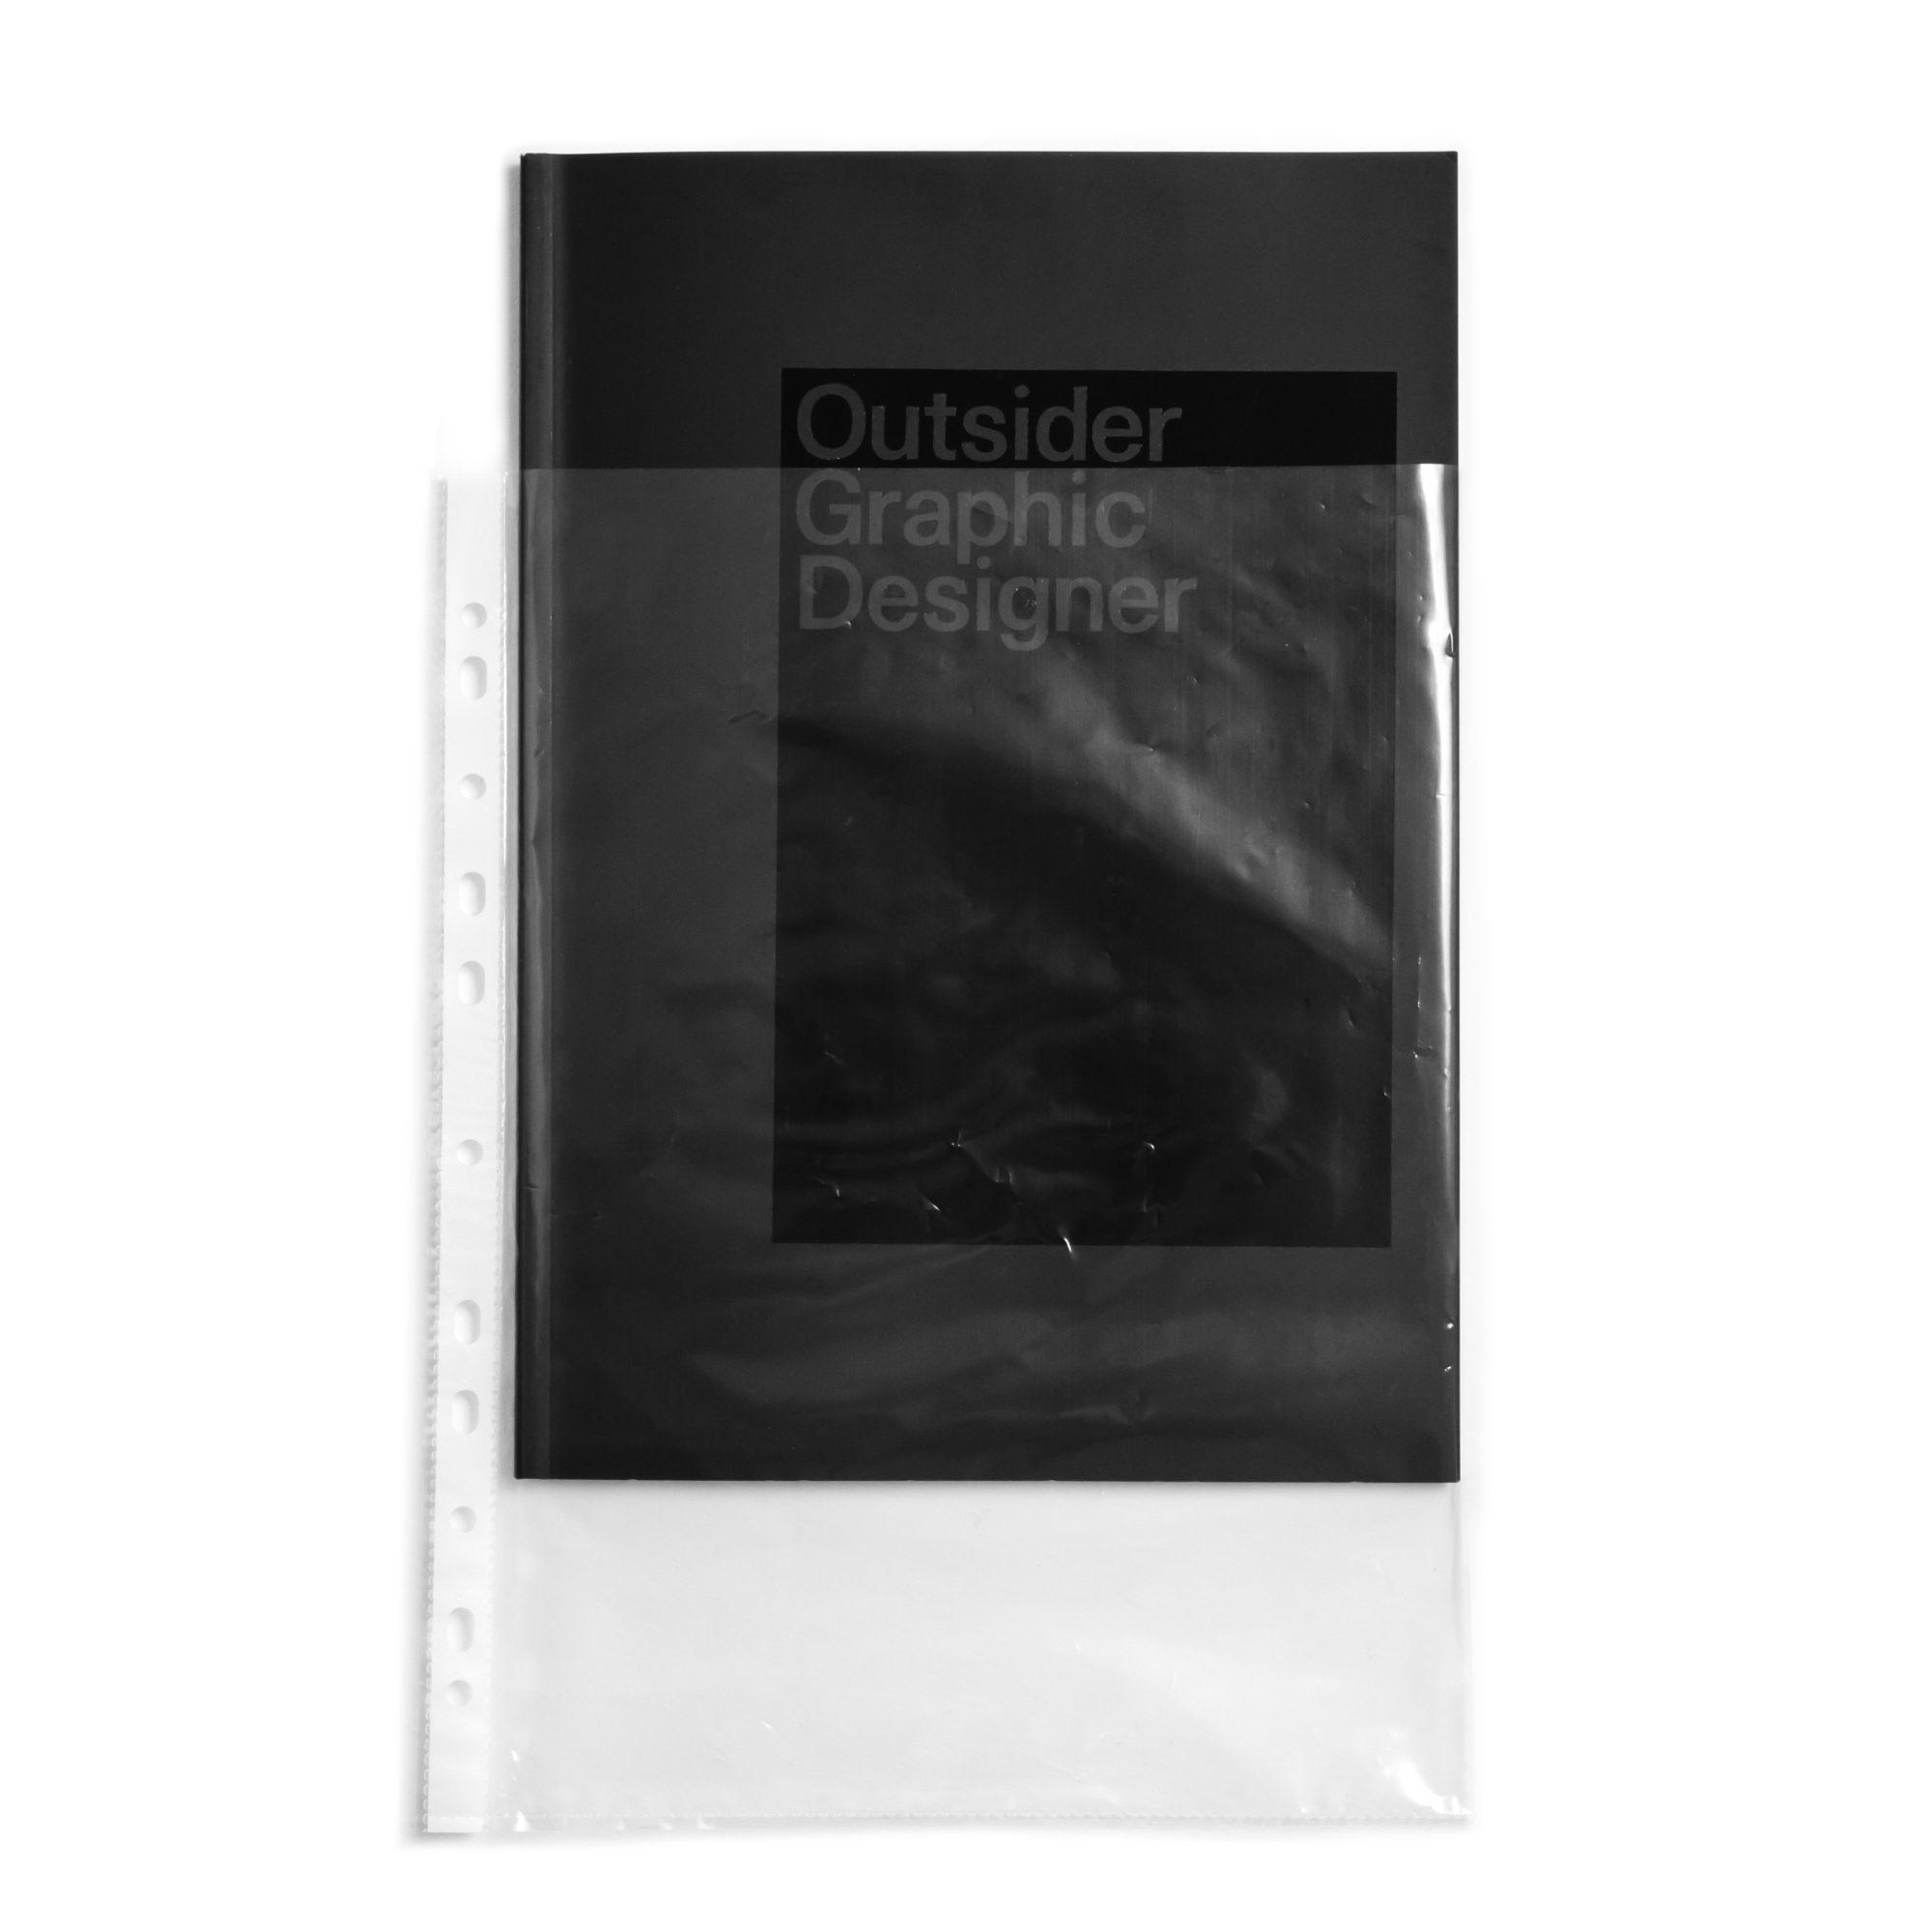 Outsider Graphic Designer